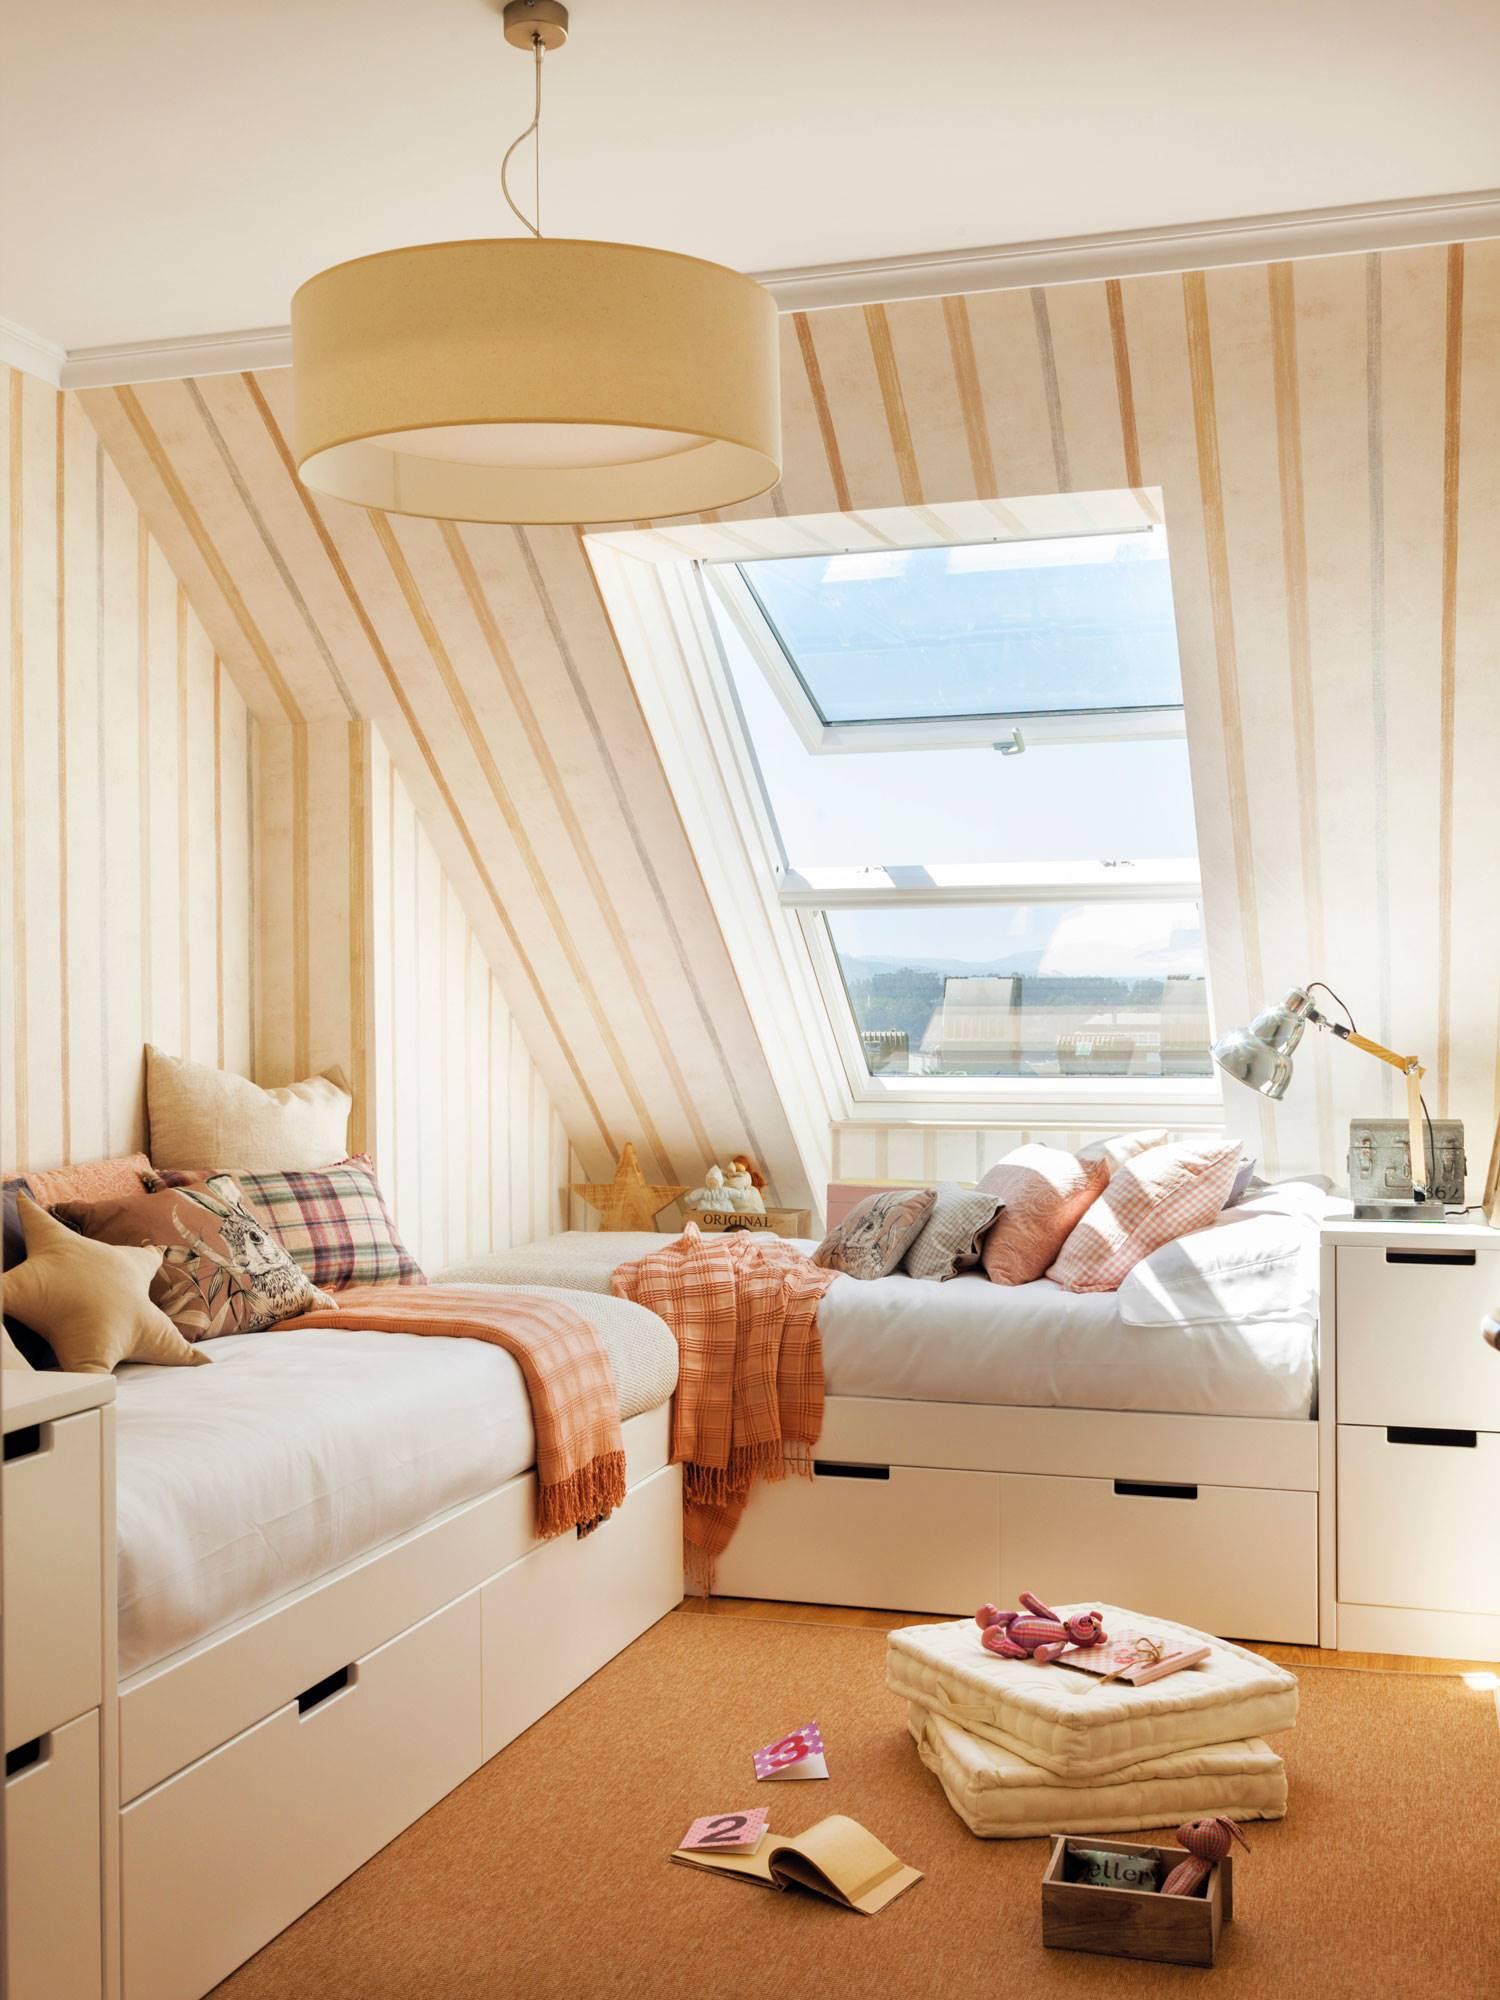 Muebles A Medida Dormitorios Juveniles Donde Todo Cabe